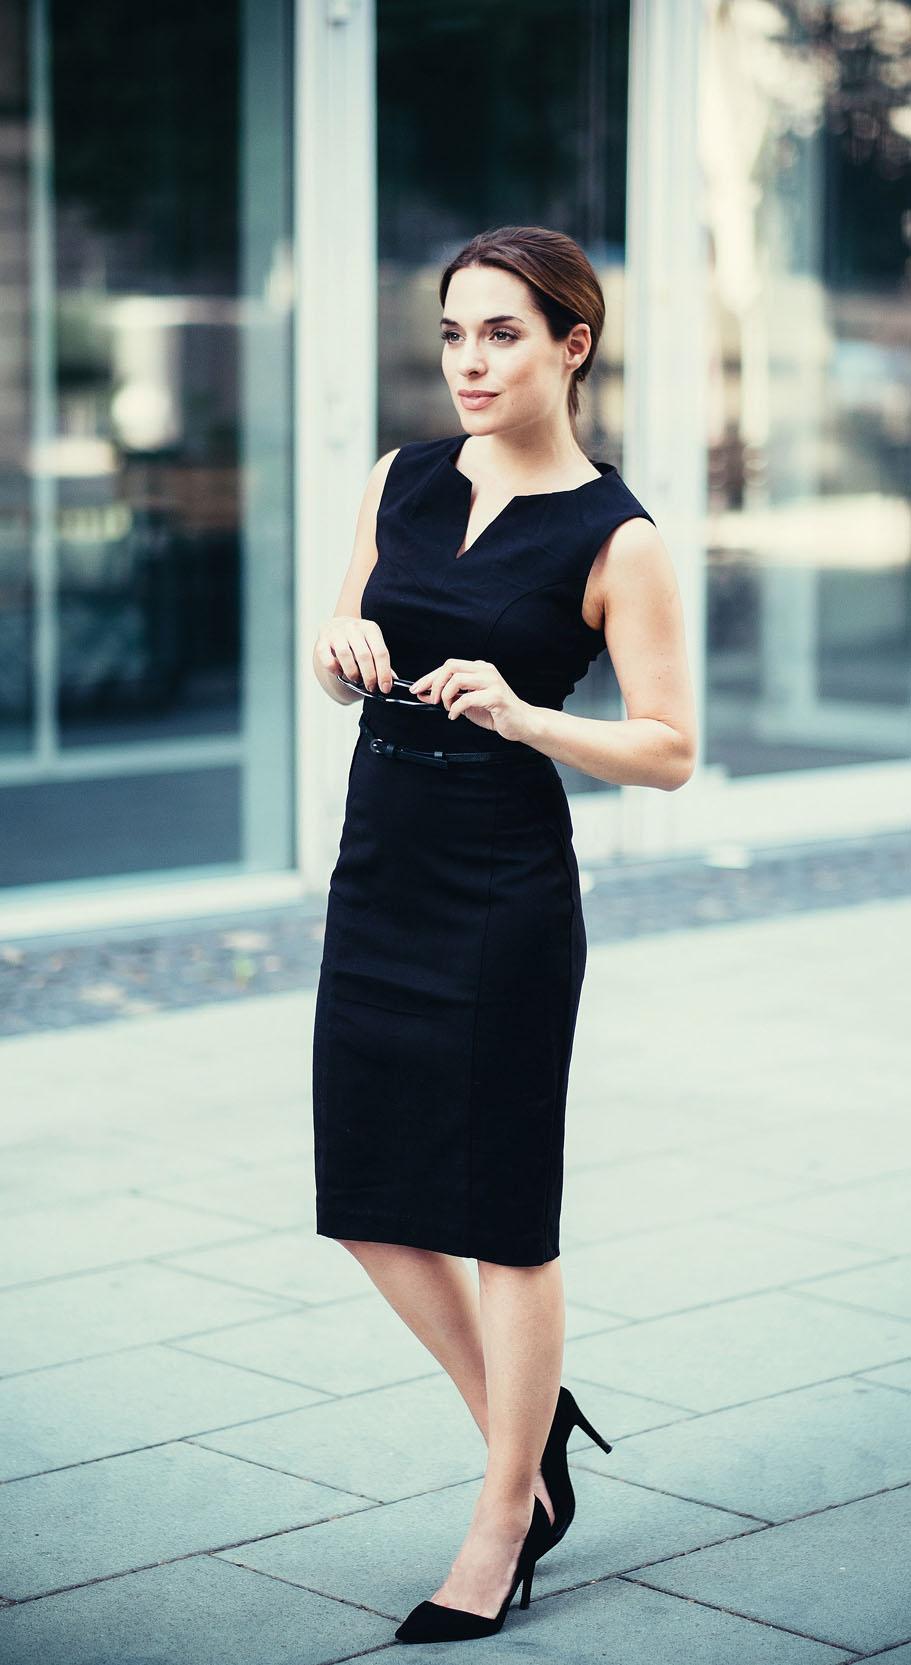 Businessimage von Janina auf der Straße